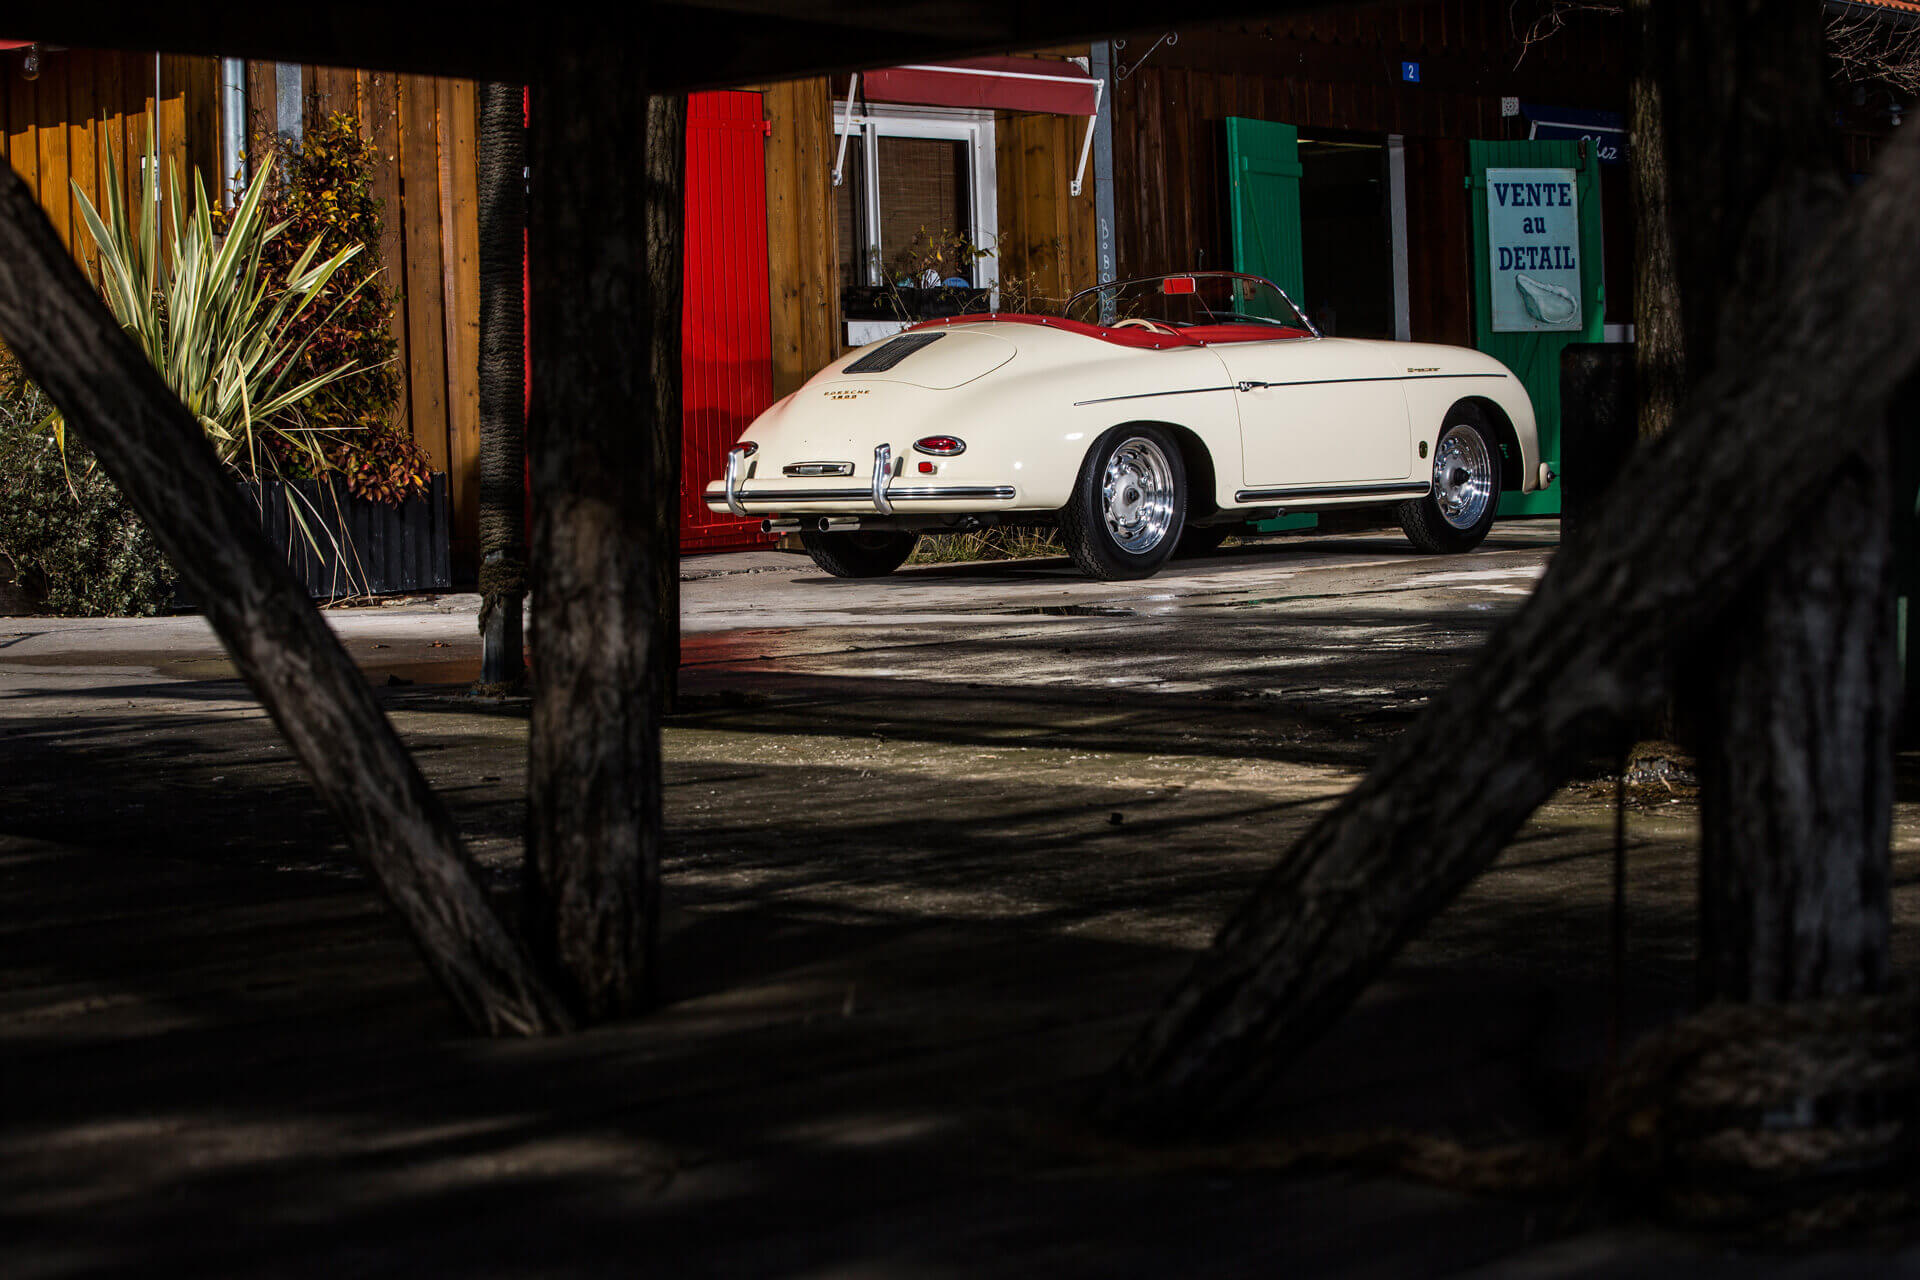 Porsche Heitz speedster blanc